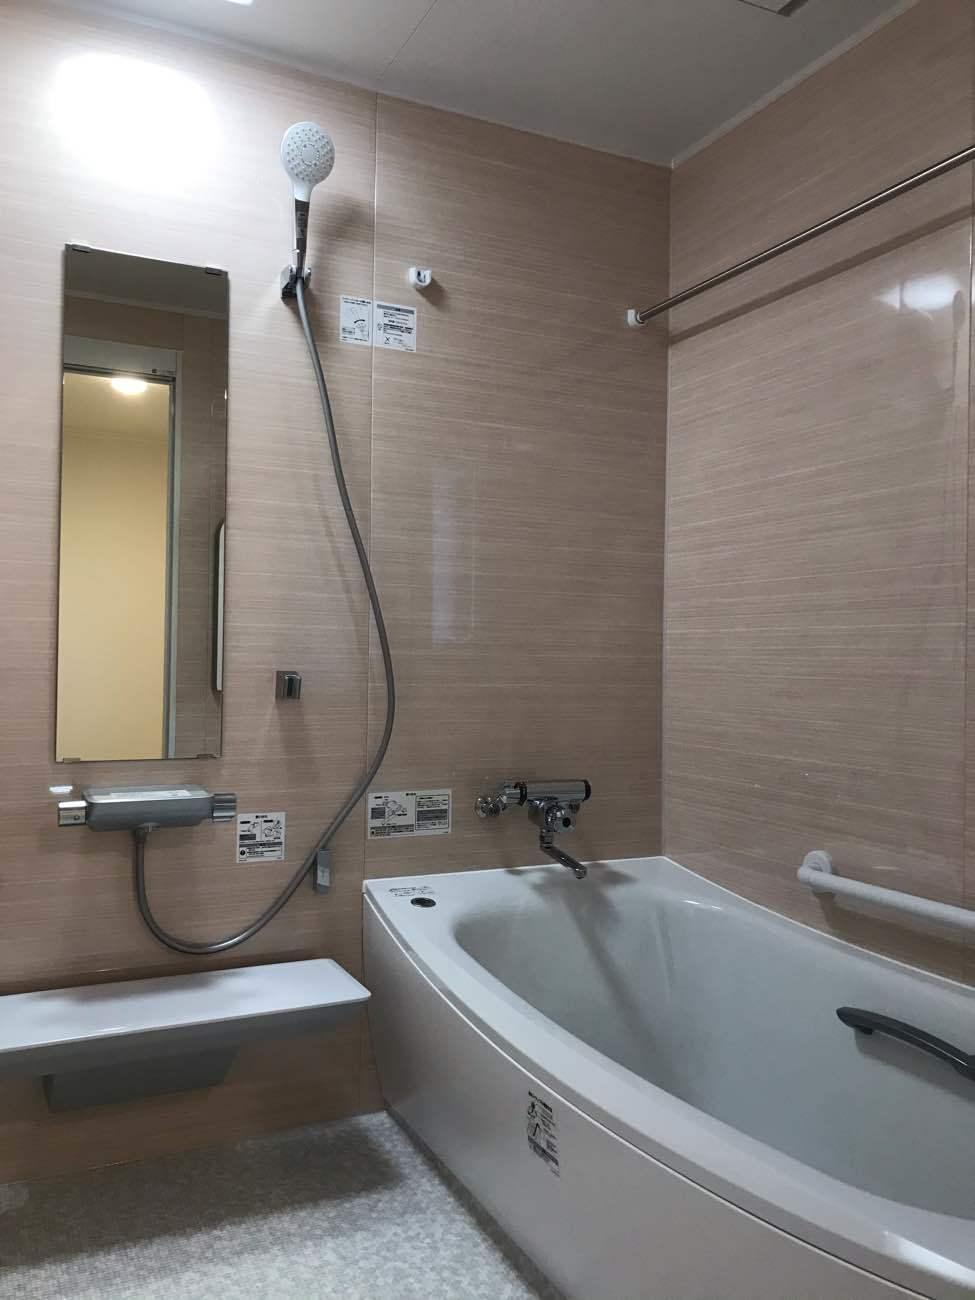 ヒートショックに注意!浴室と脱衣所、どちらも暖かく